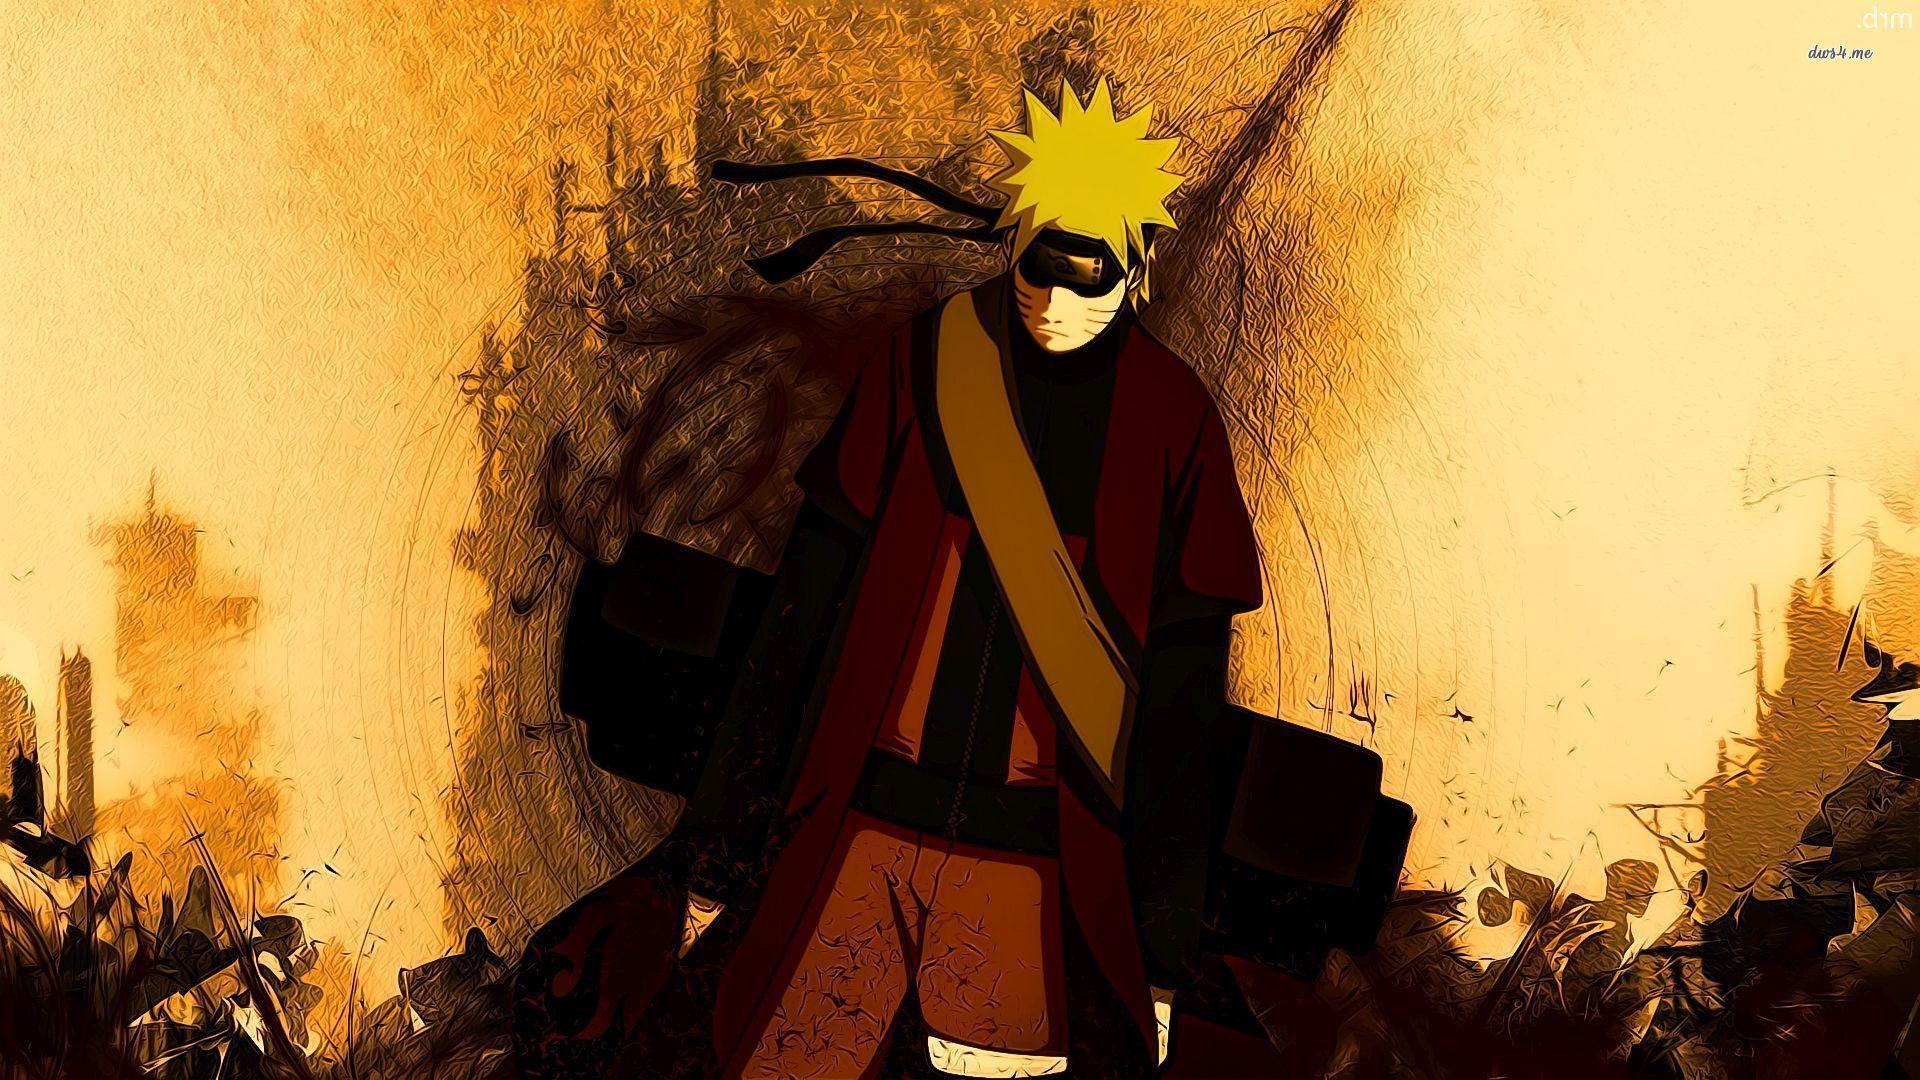 Naruto Sad Wallpapers Wallpaper Cave